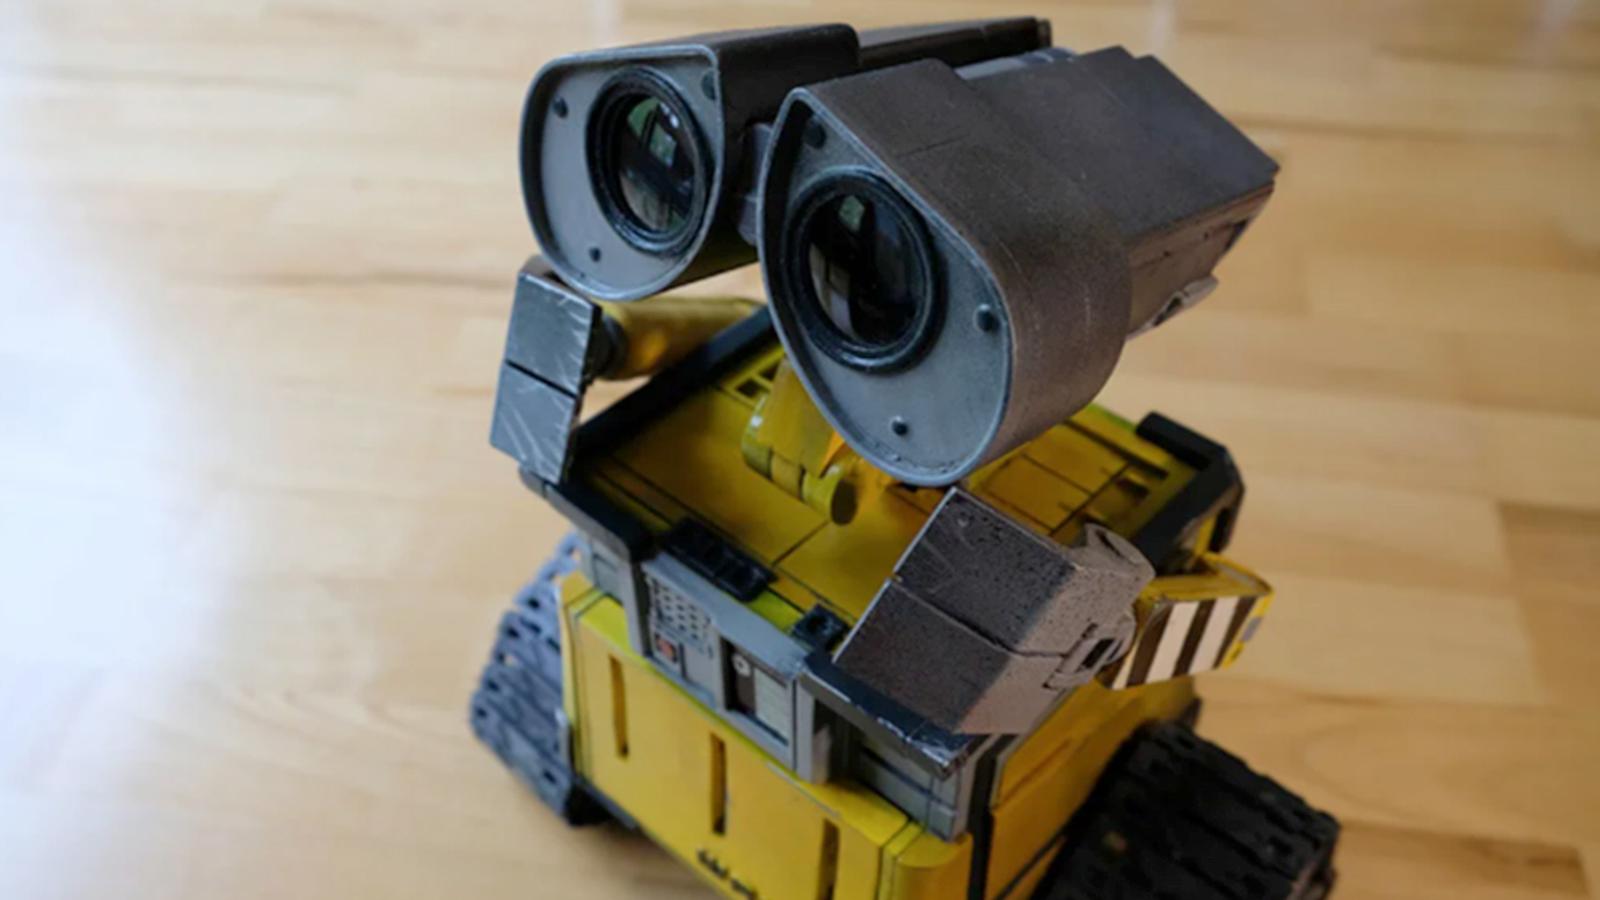 Réplica de Wall-e con piezas móviles motorizadas.